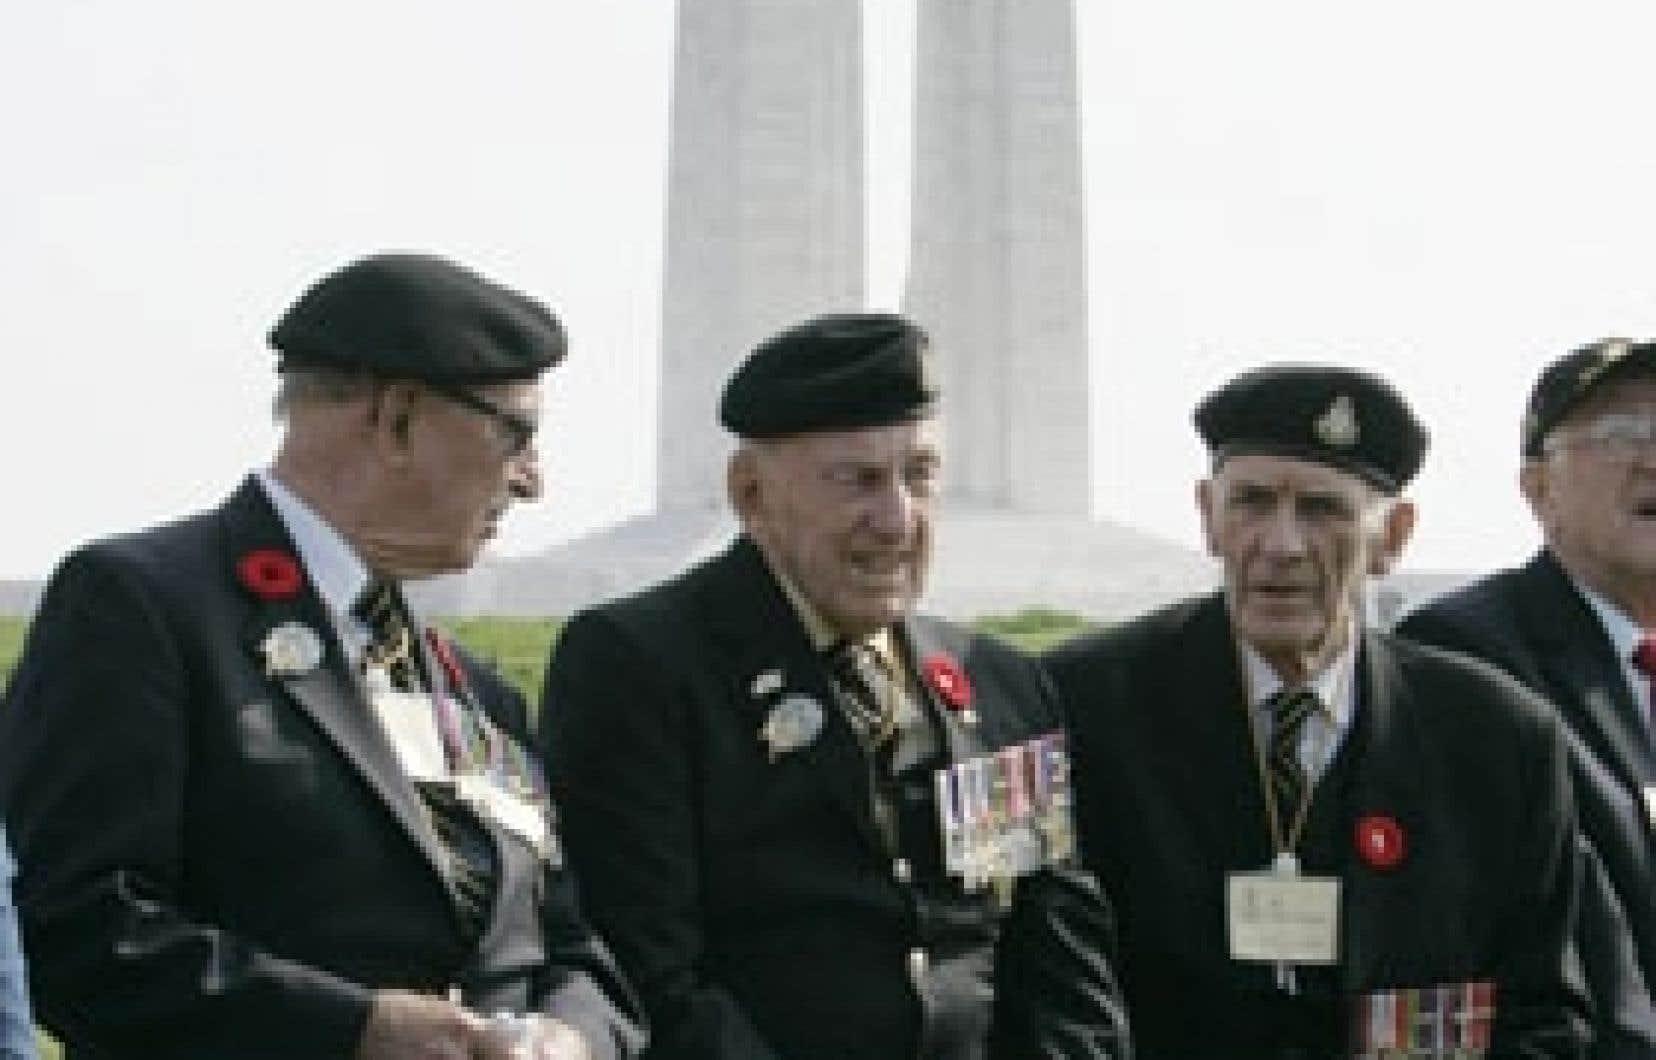 Des vétérans canadiens discutent en attendant le début des cérémonies commémorant le 90e anniversaire de la bataille de Vimy. En arrière-plan, le mémorial canadien aux soldats décédés lors de la Première Guerre mondiale.